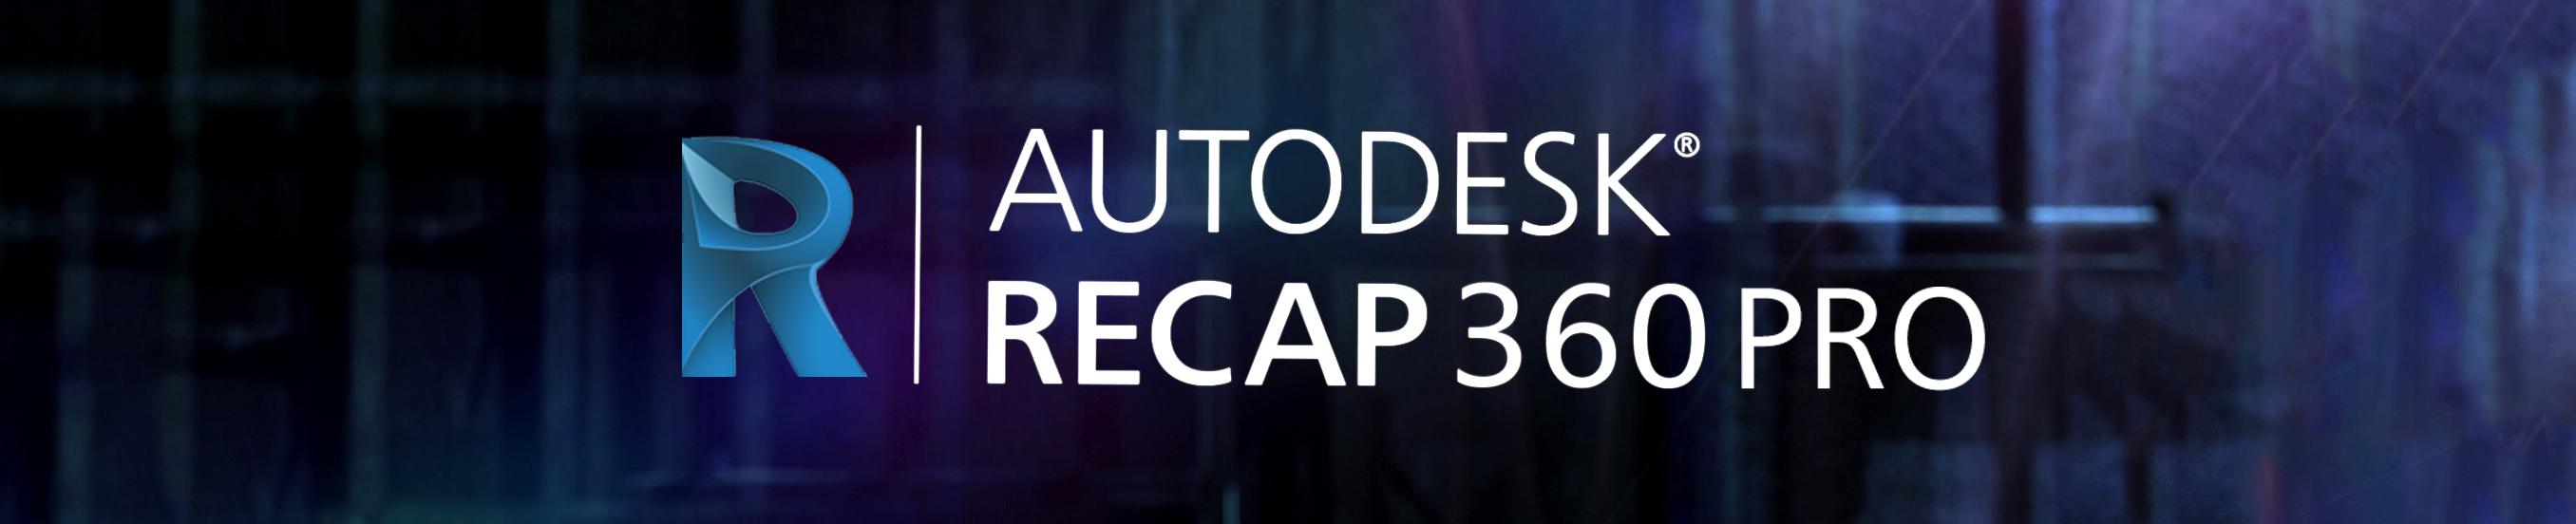 New Autodesk ReCap 360 Pro